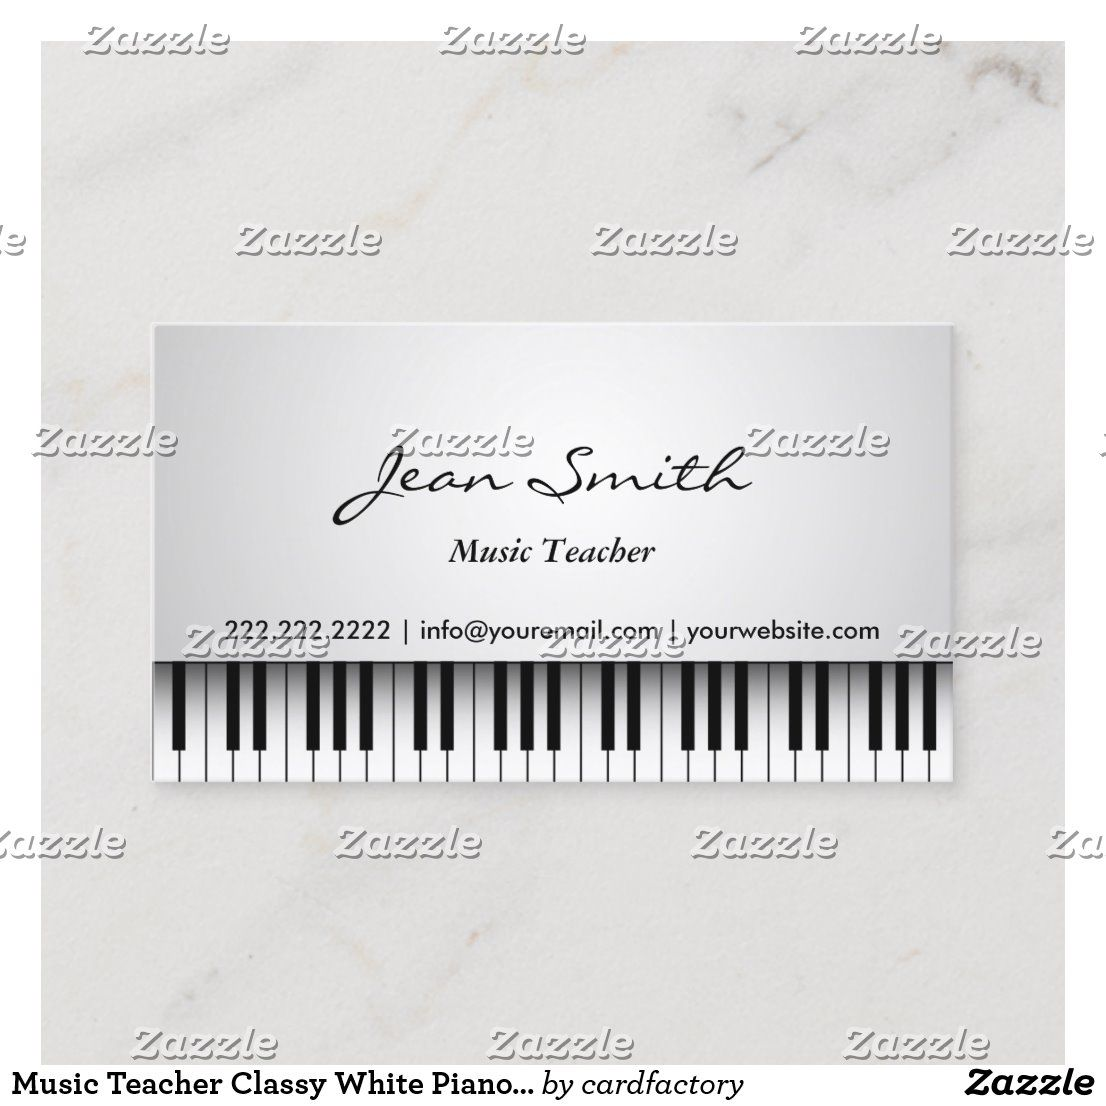 Music Teacher Classy White Piano Musical Business Card Zazzle Com In 2021 Music Teacher Teacher Business Cards Business Cards Creative Templates